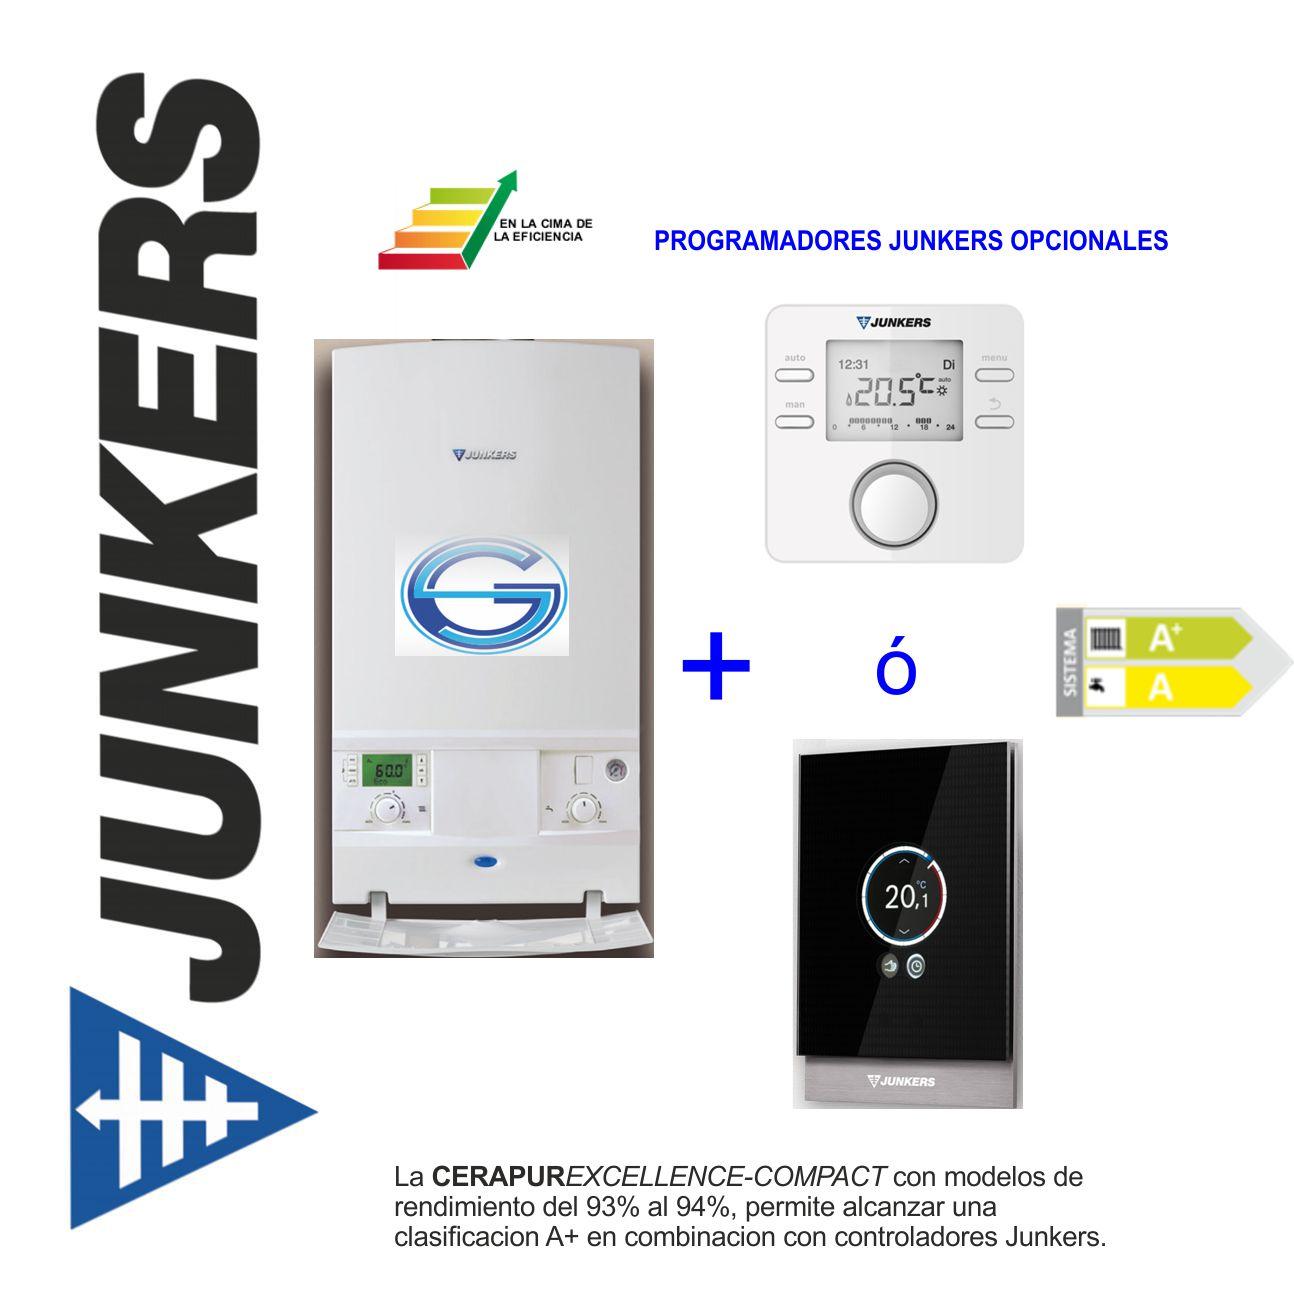 Termostatos y programadores Junkers